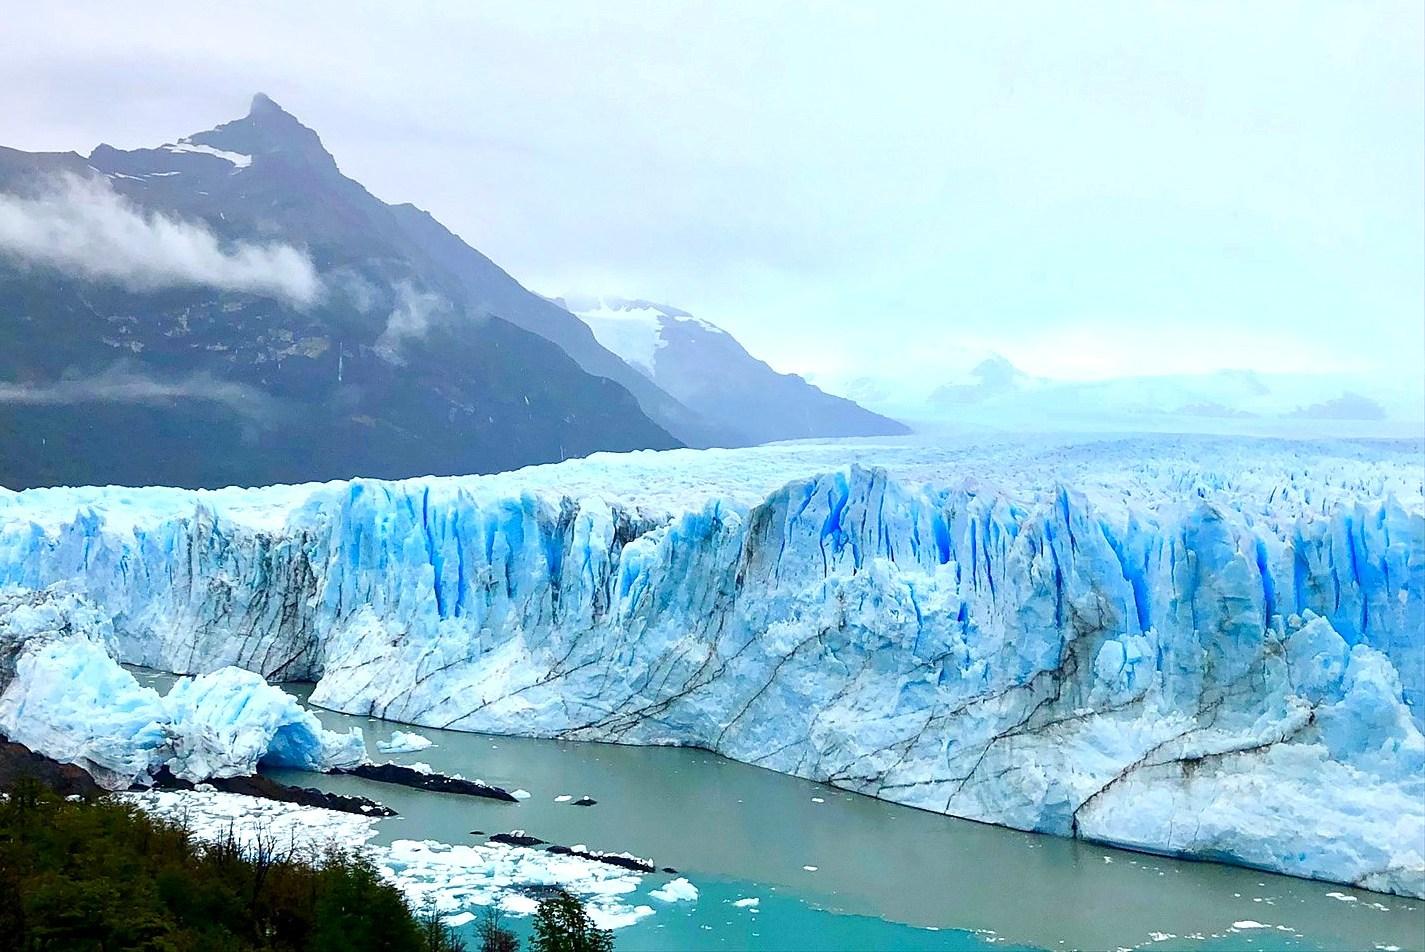 中南米の旅/36 ペリト・モレノ氷河@パタゴニア_a0092659_12235608.jpg